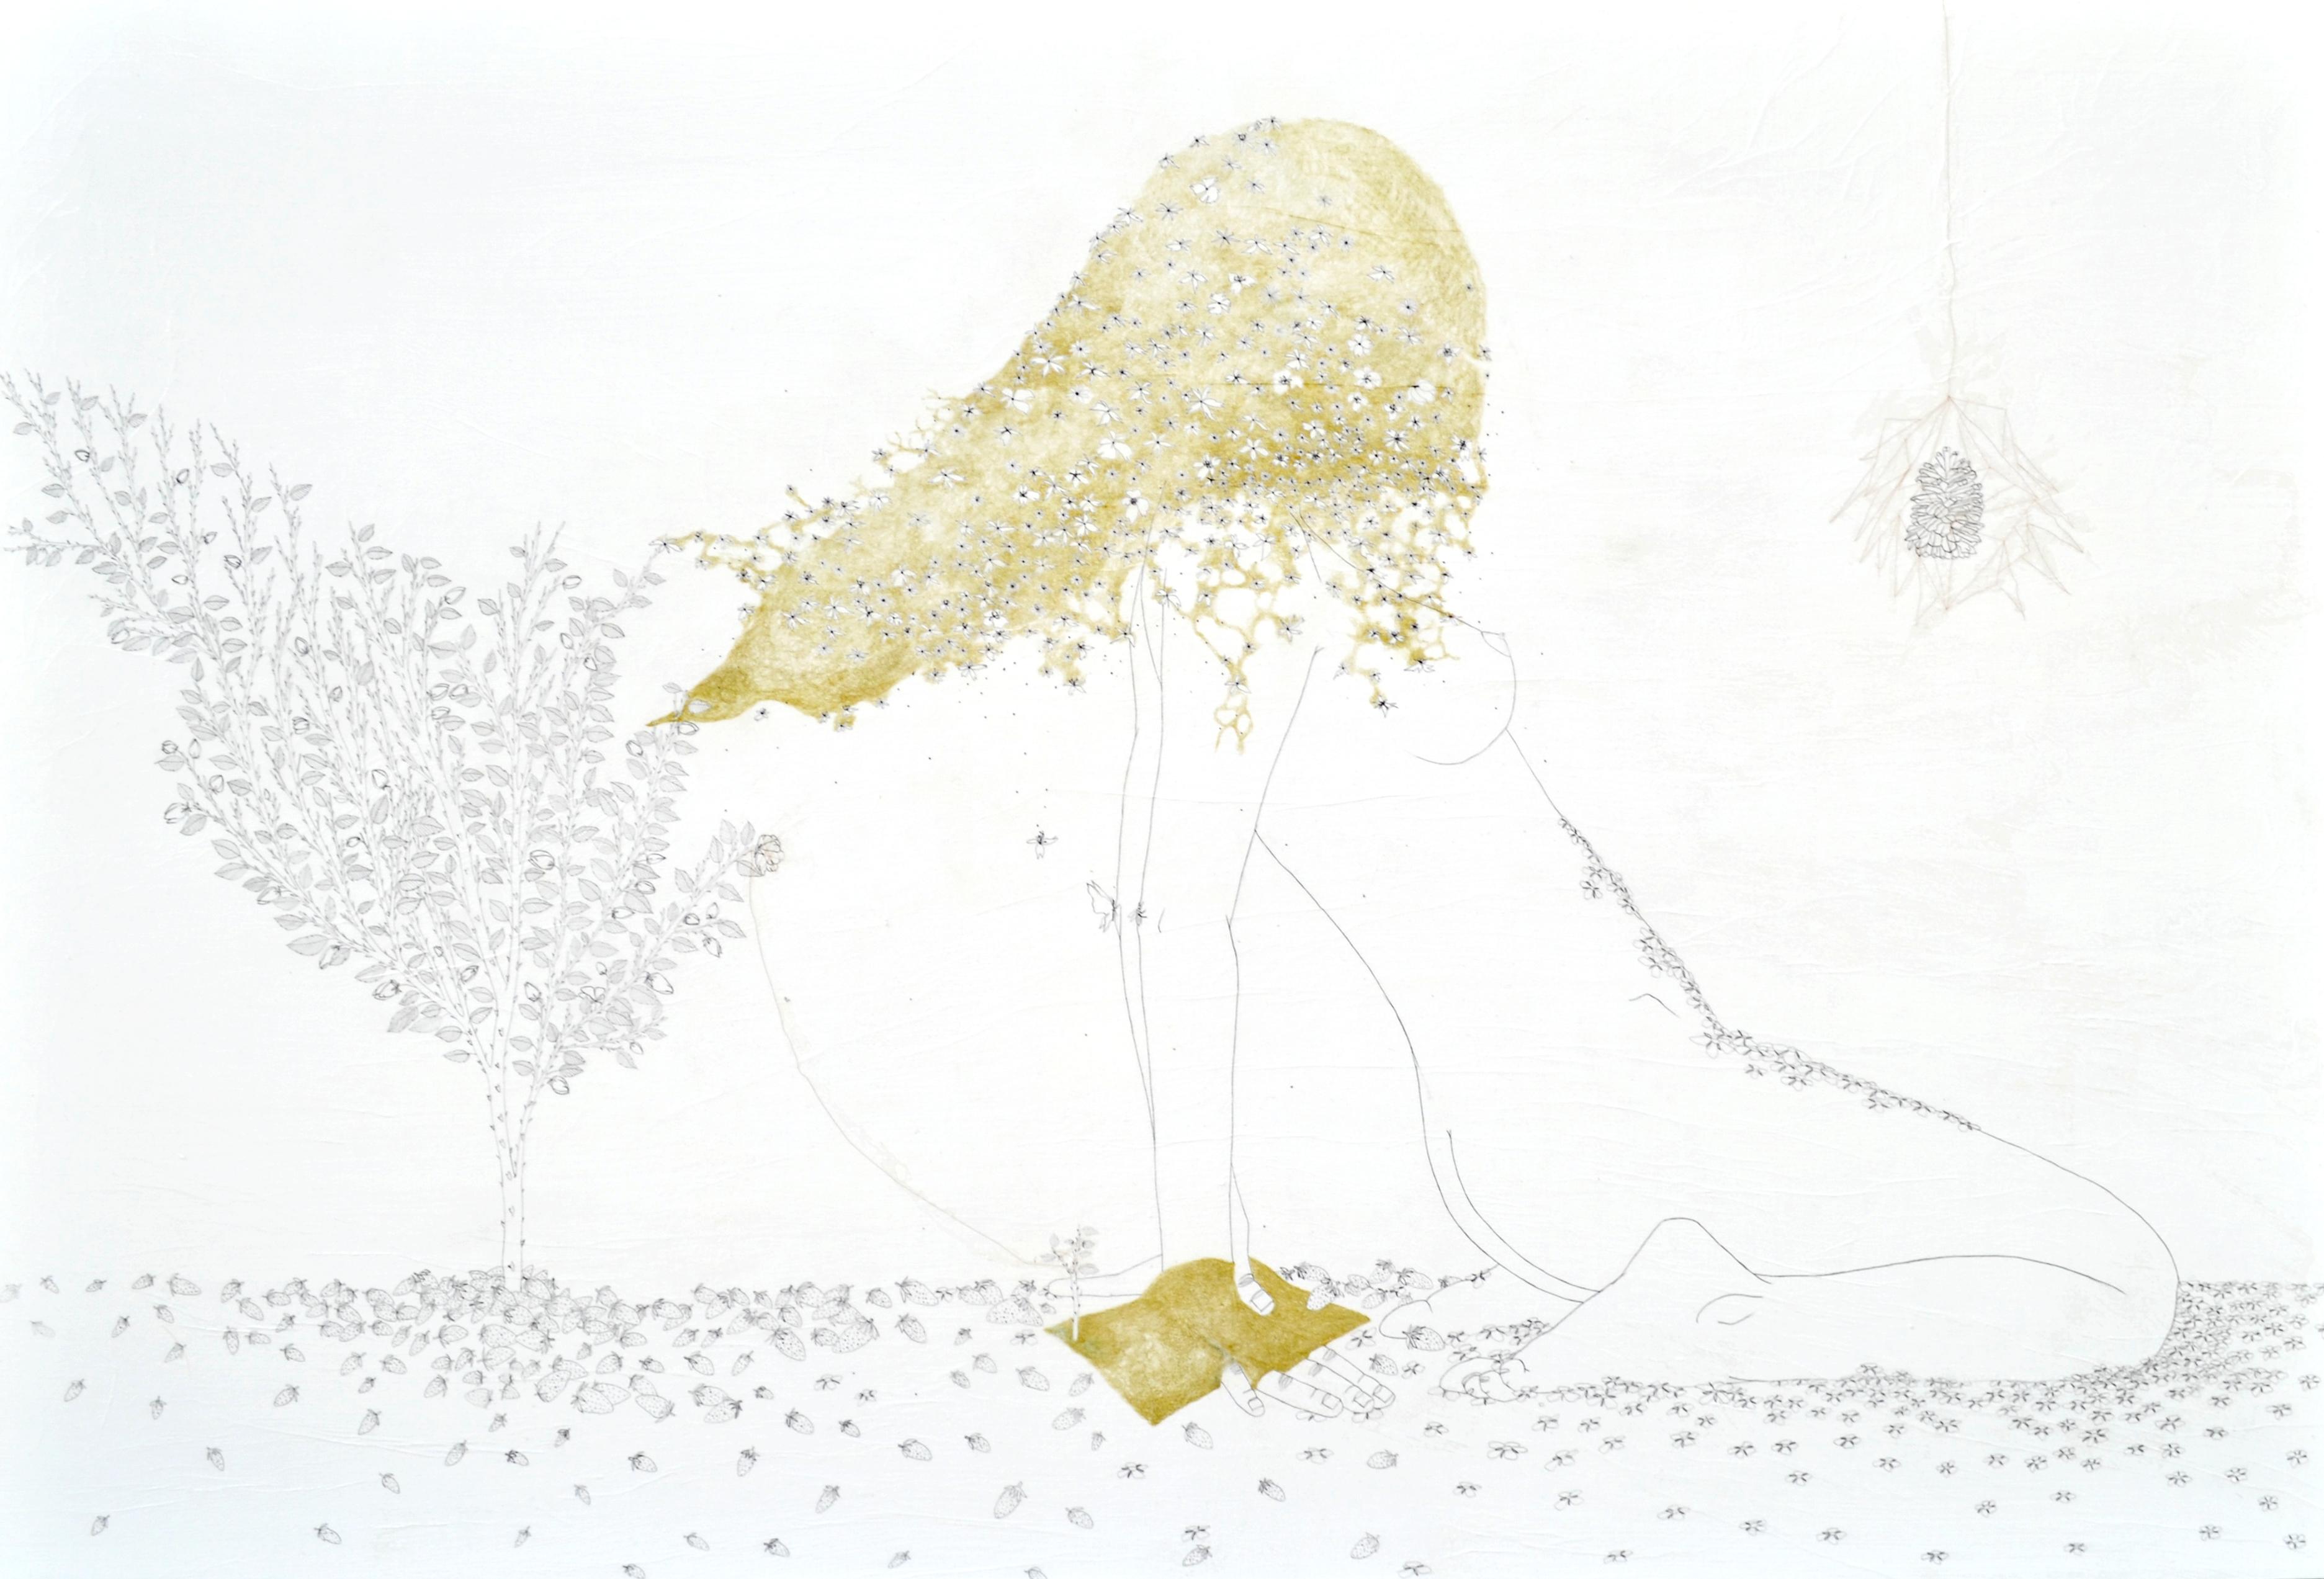 Tamara Ferioli, Flickering sun-flame obsession. 2015 matite e capelli su carta giapponese intelata, 100x150 cm